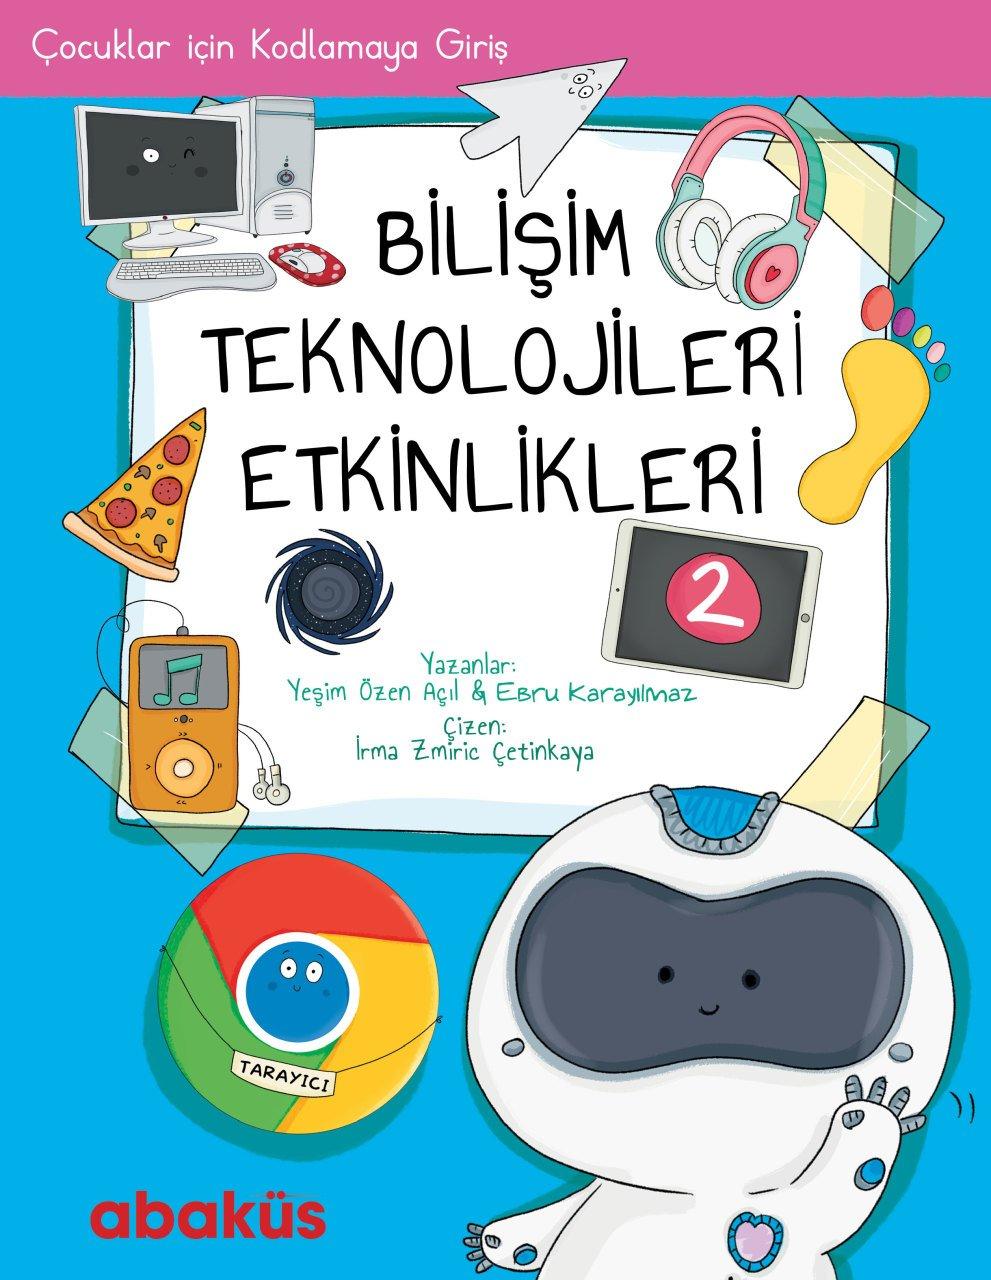 Bilişim Teknolojileri Etkinlikleri - 2